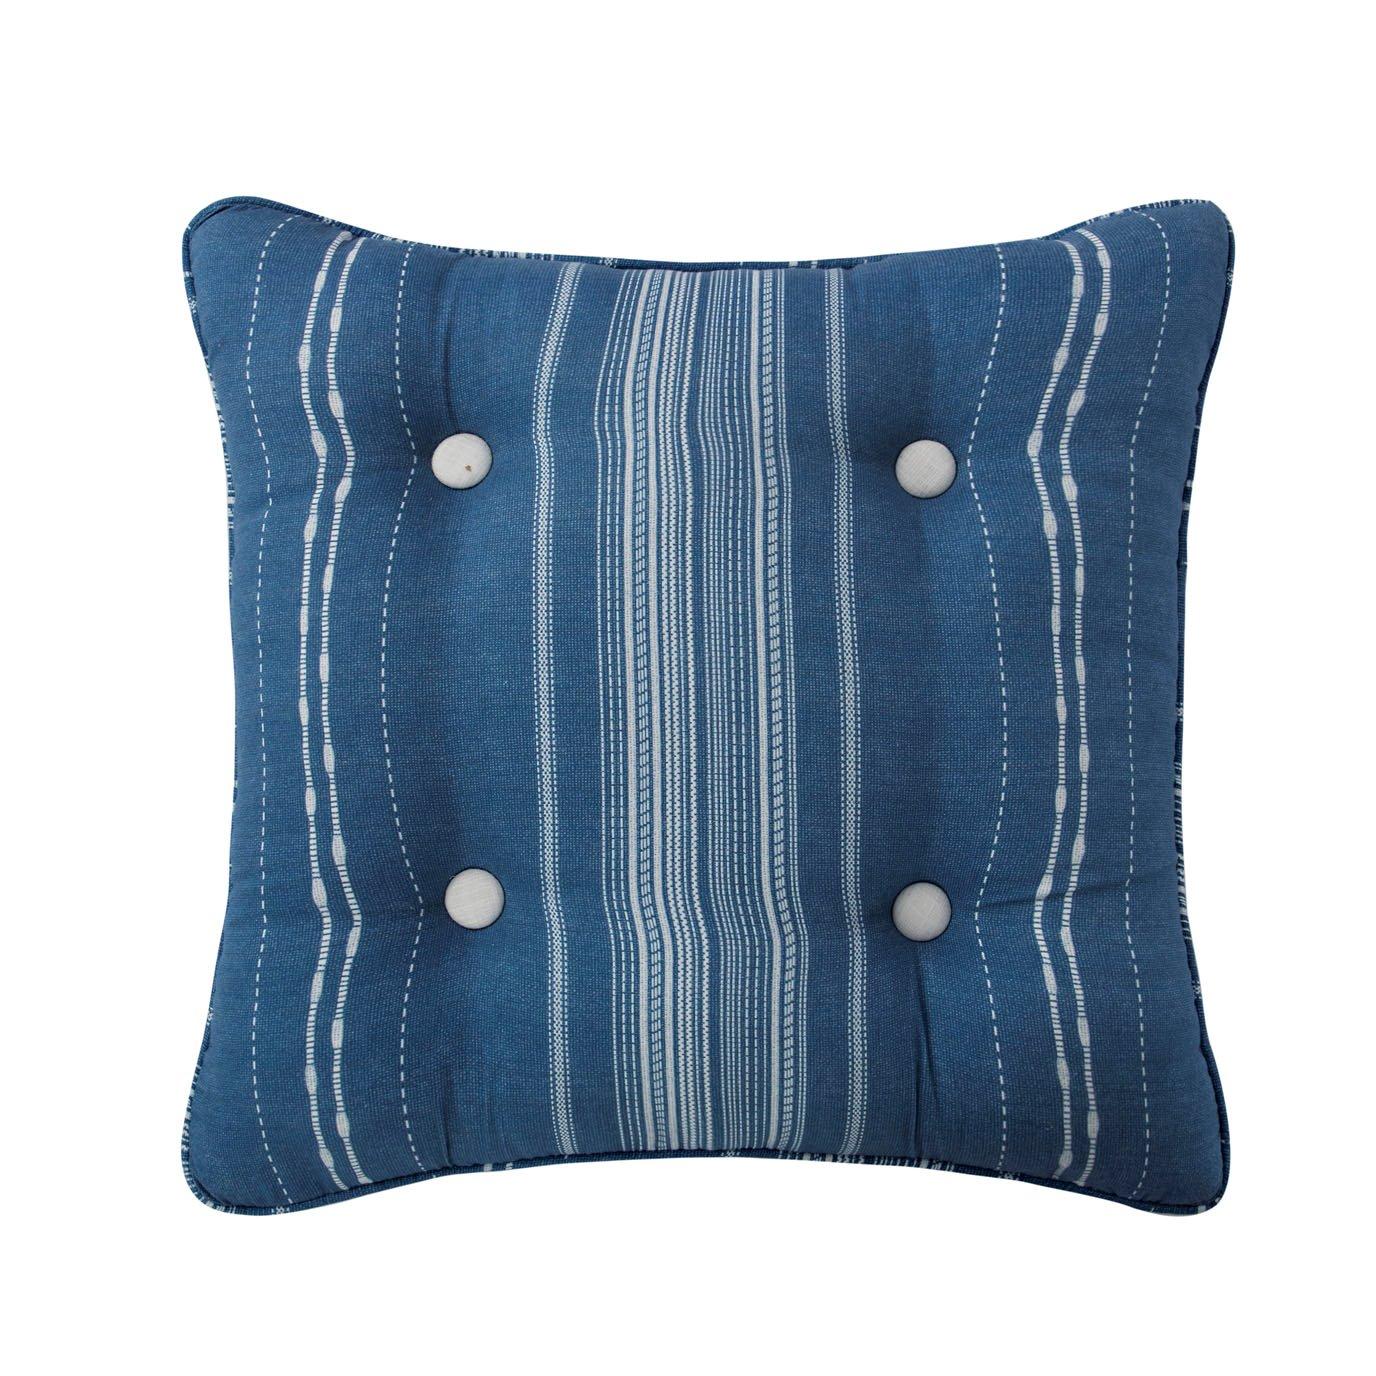 Ardenelle 18X18 Decorative Pillow